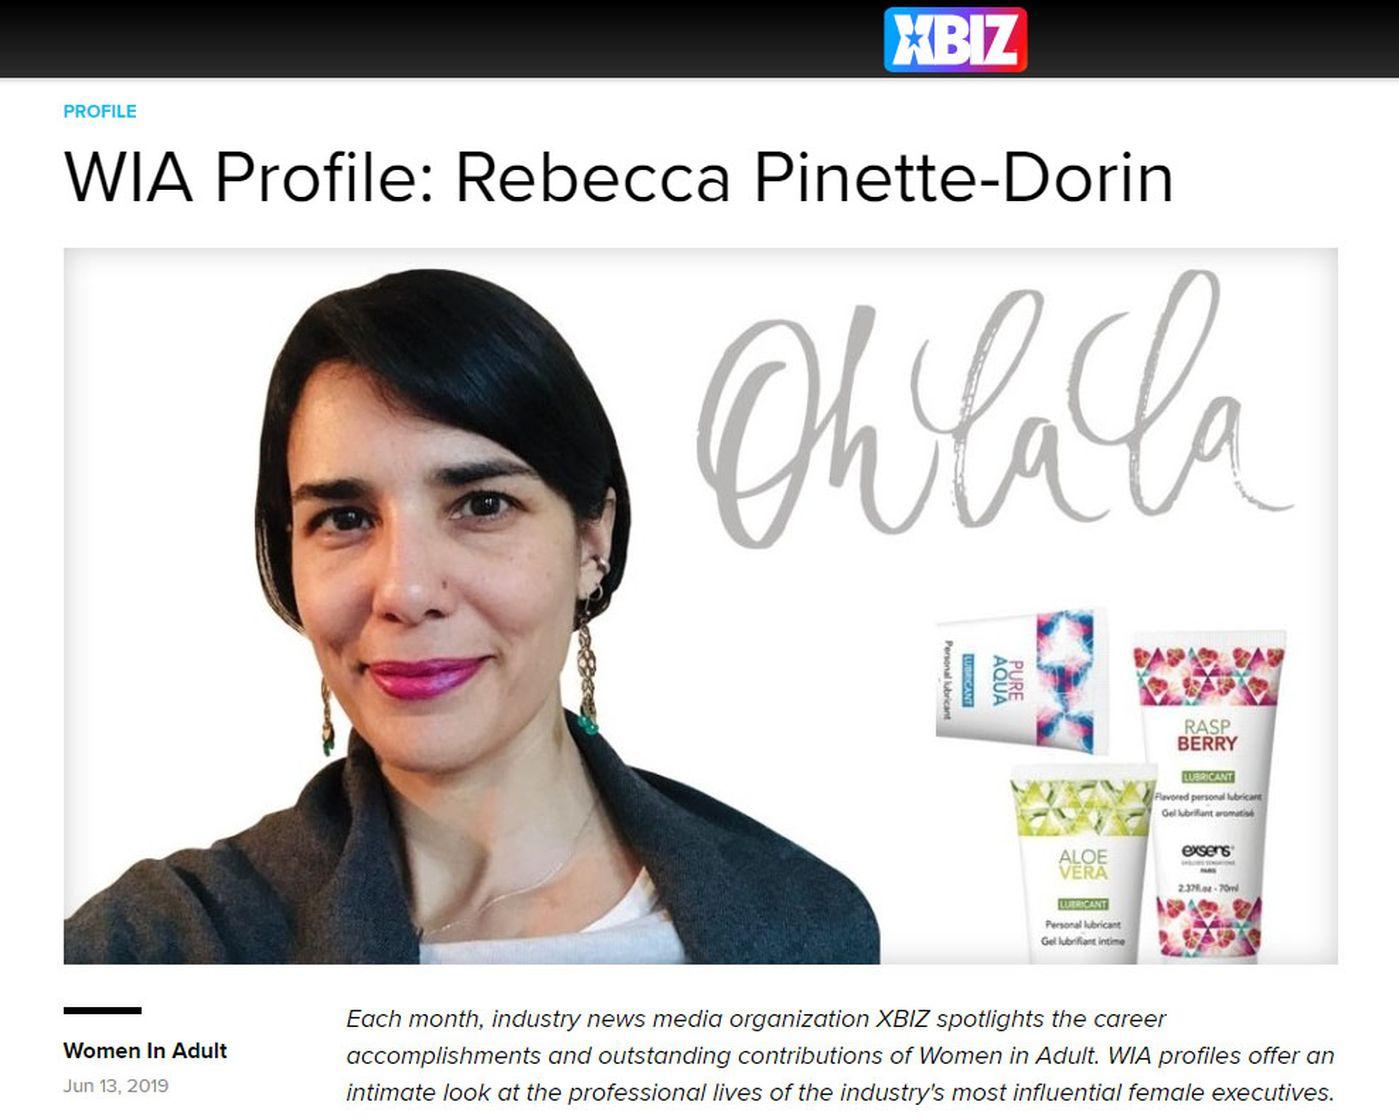 XBIZ Profile